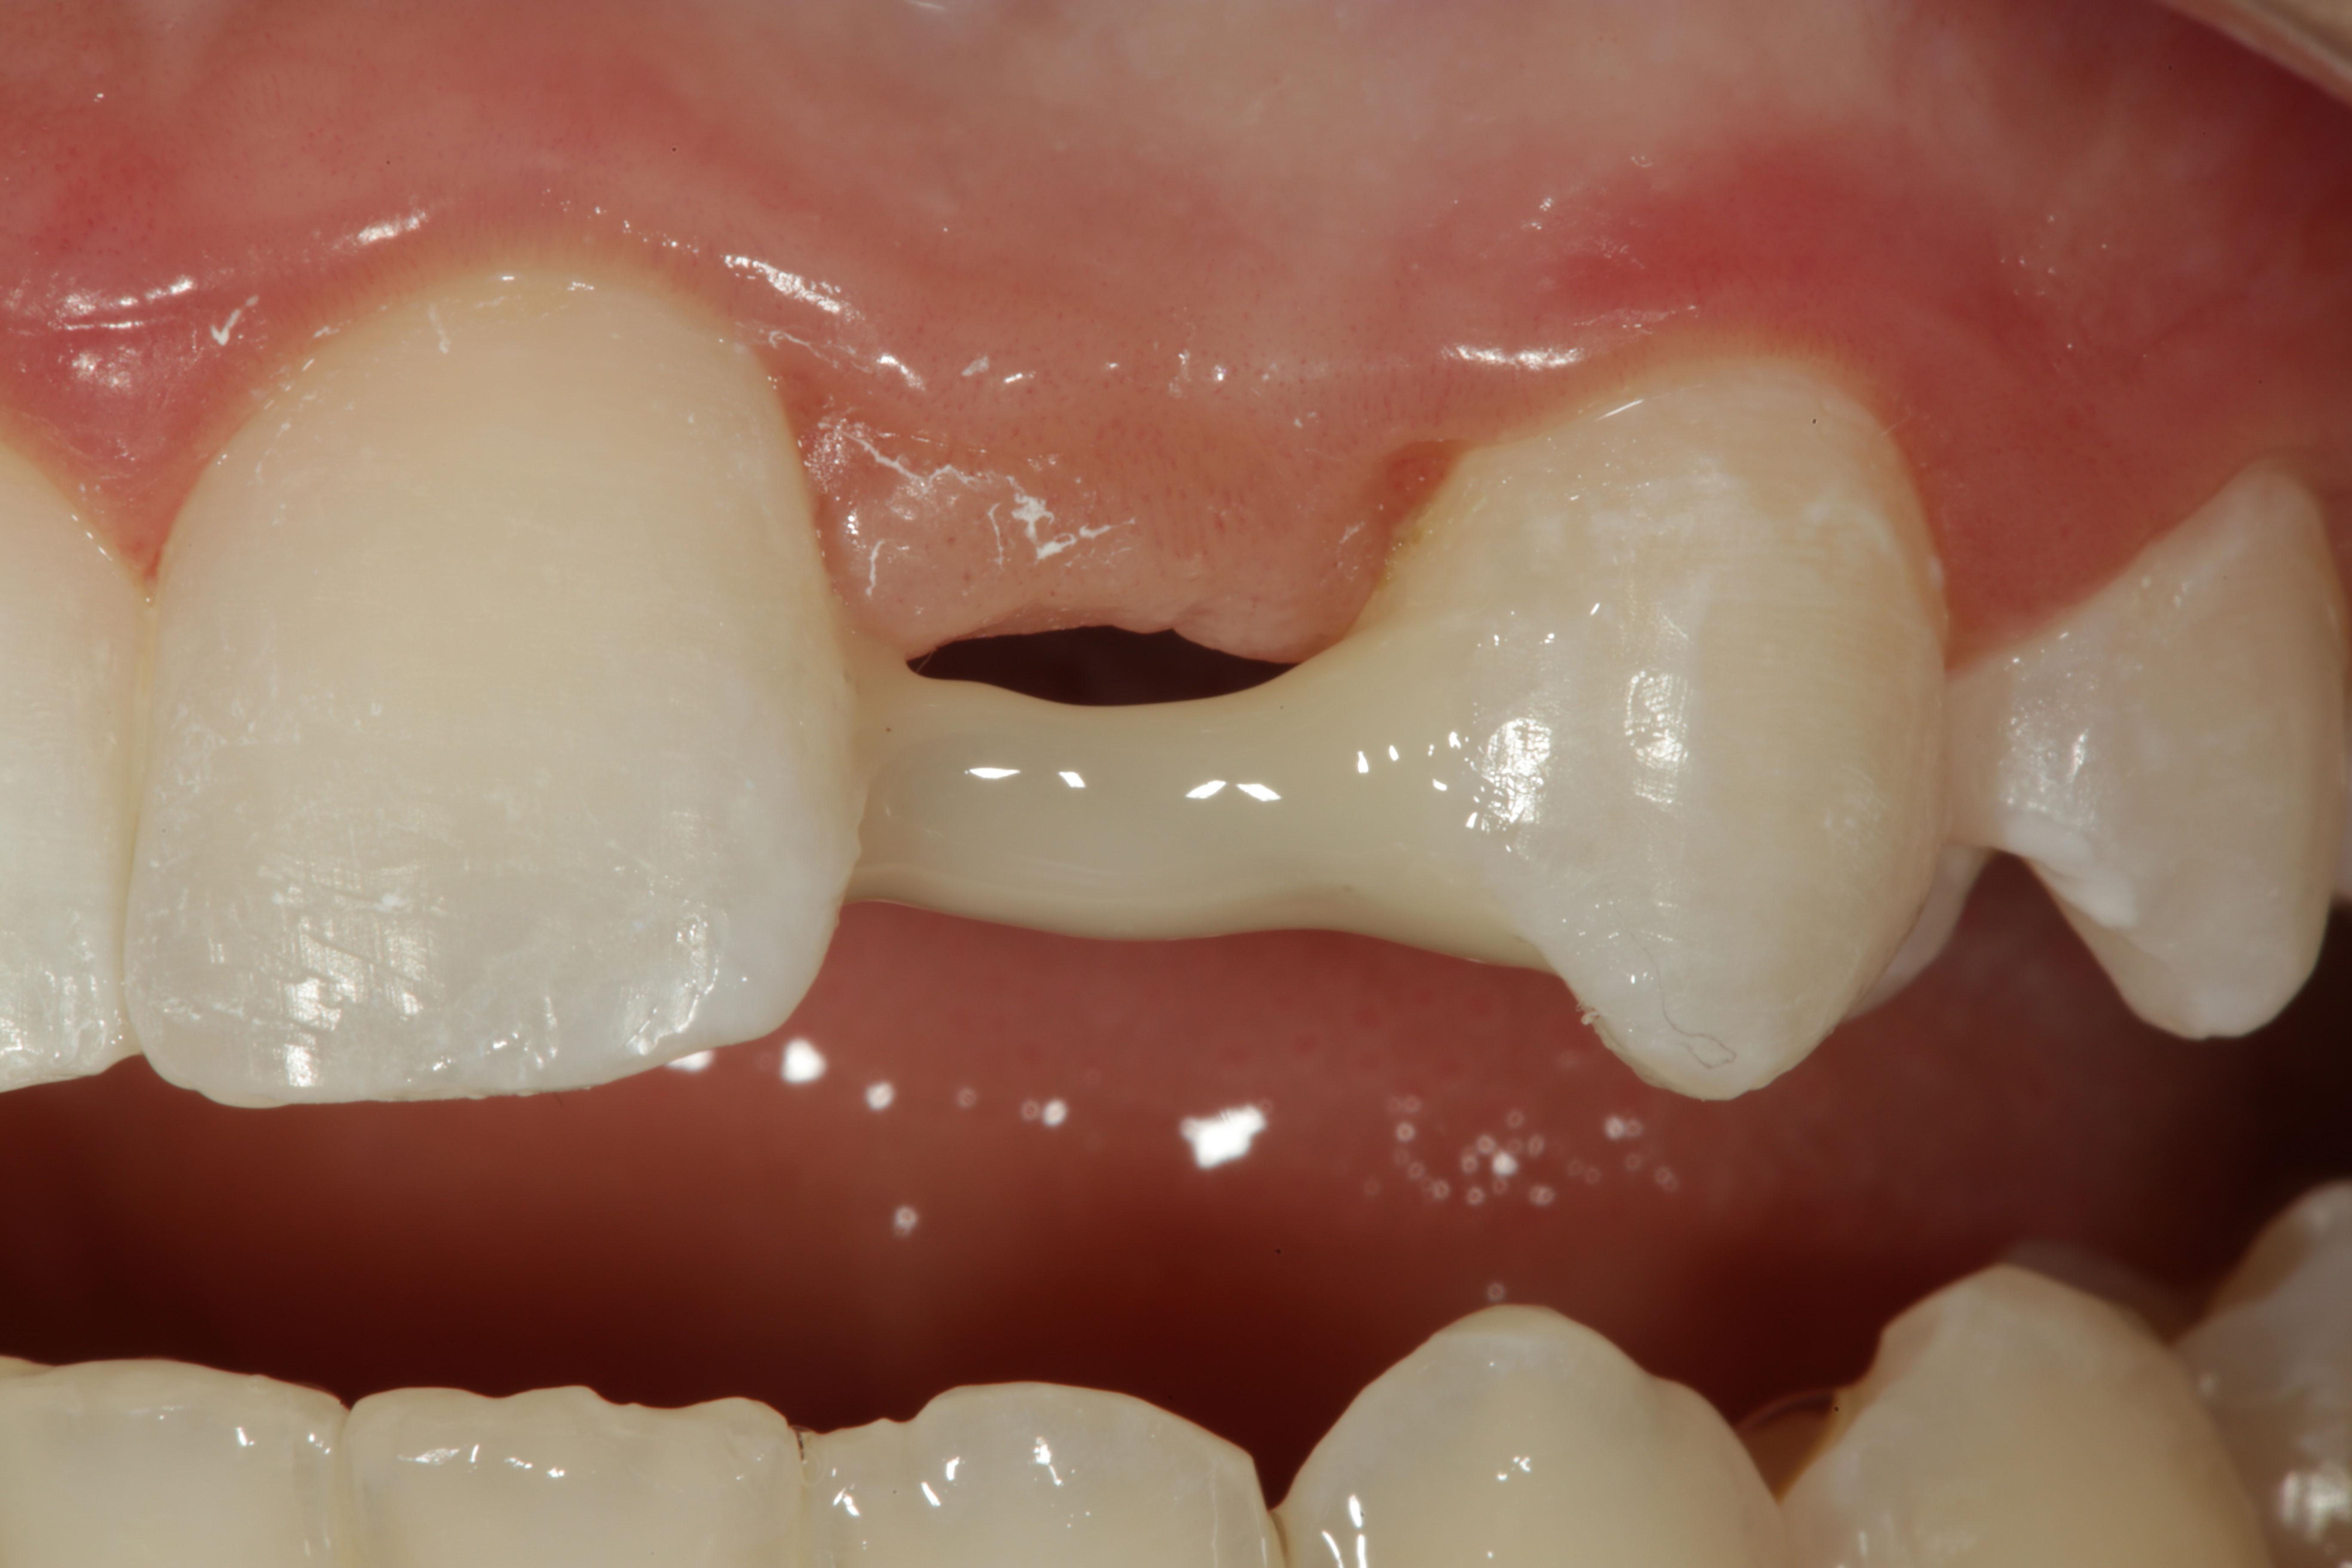 Facial tooth composite